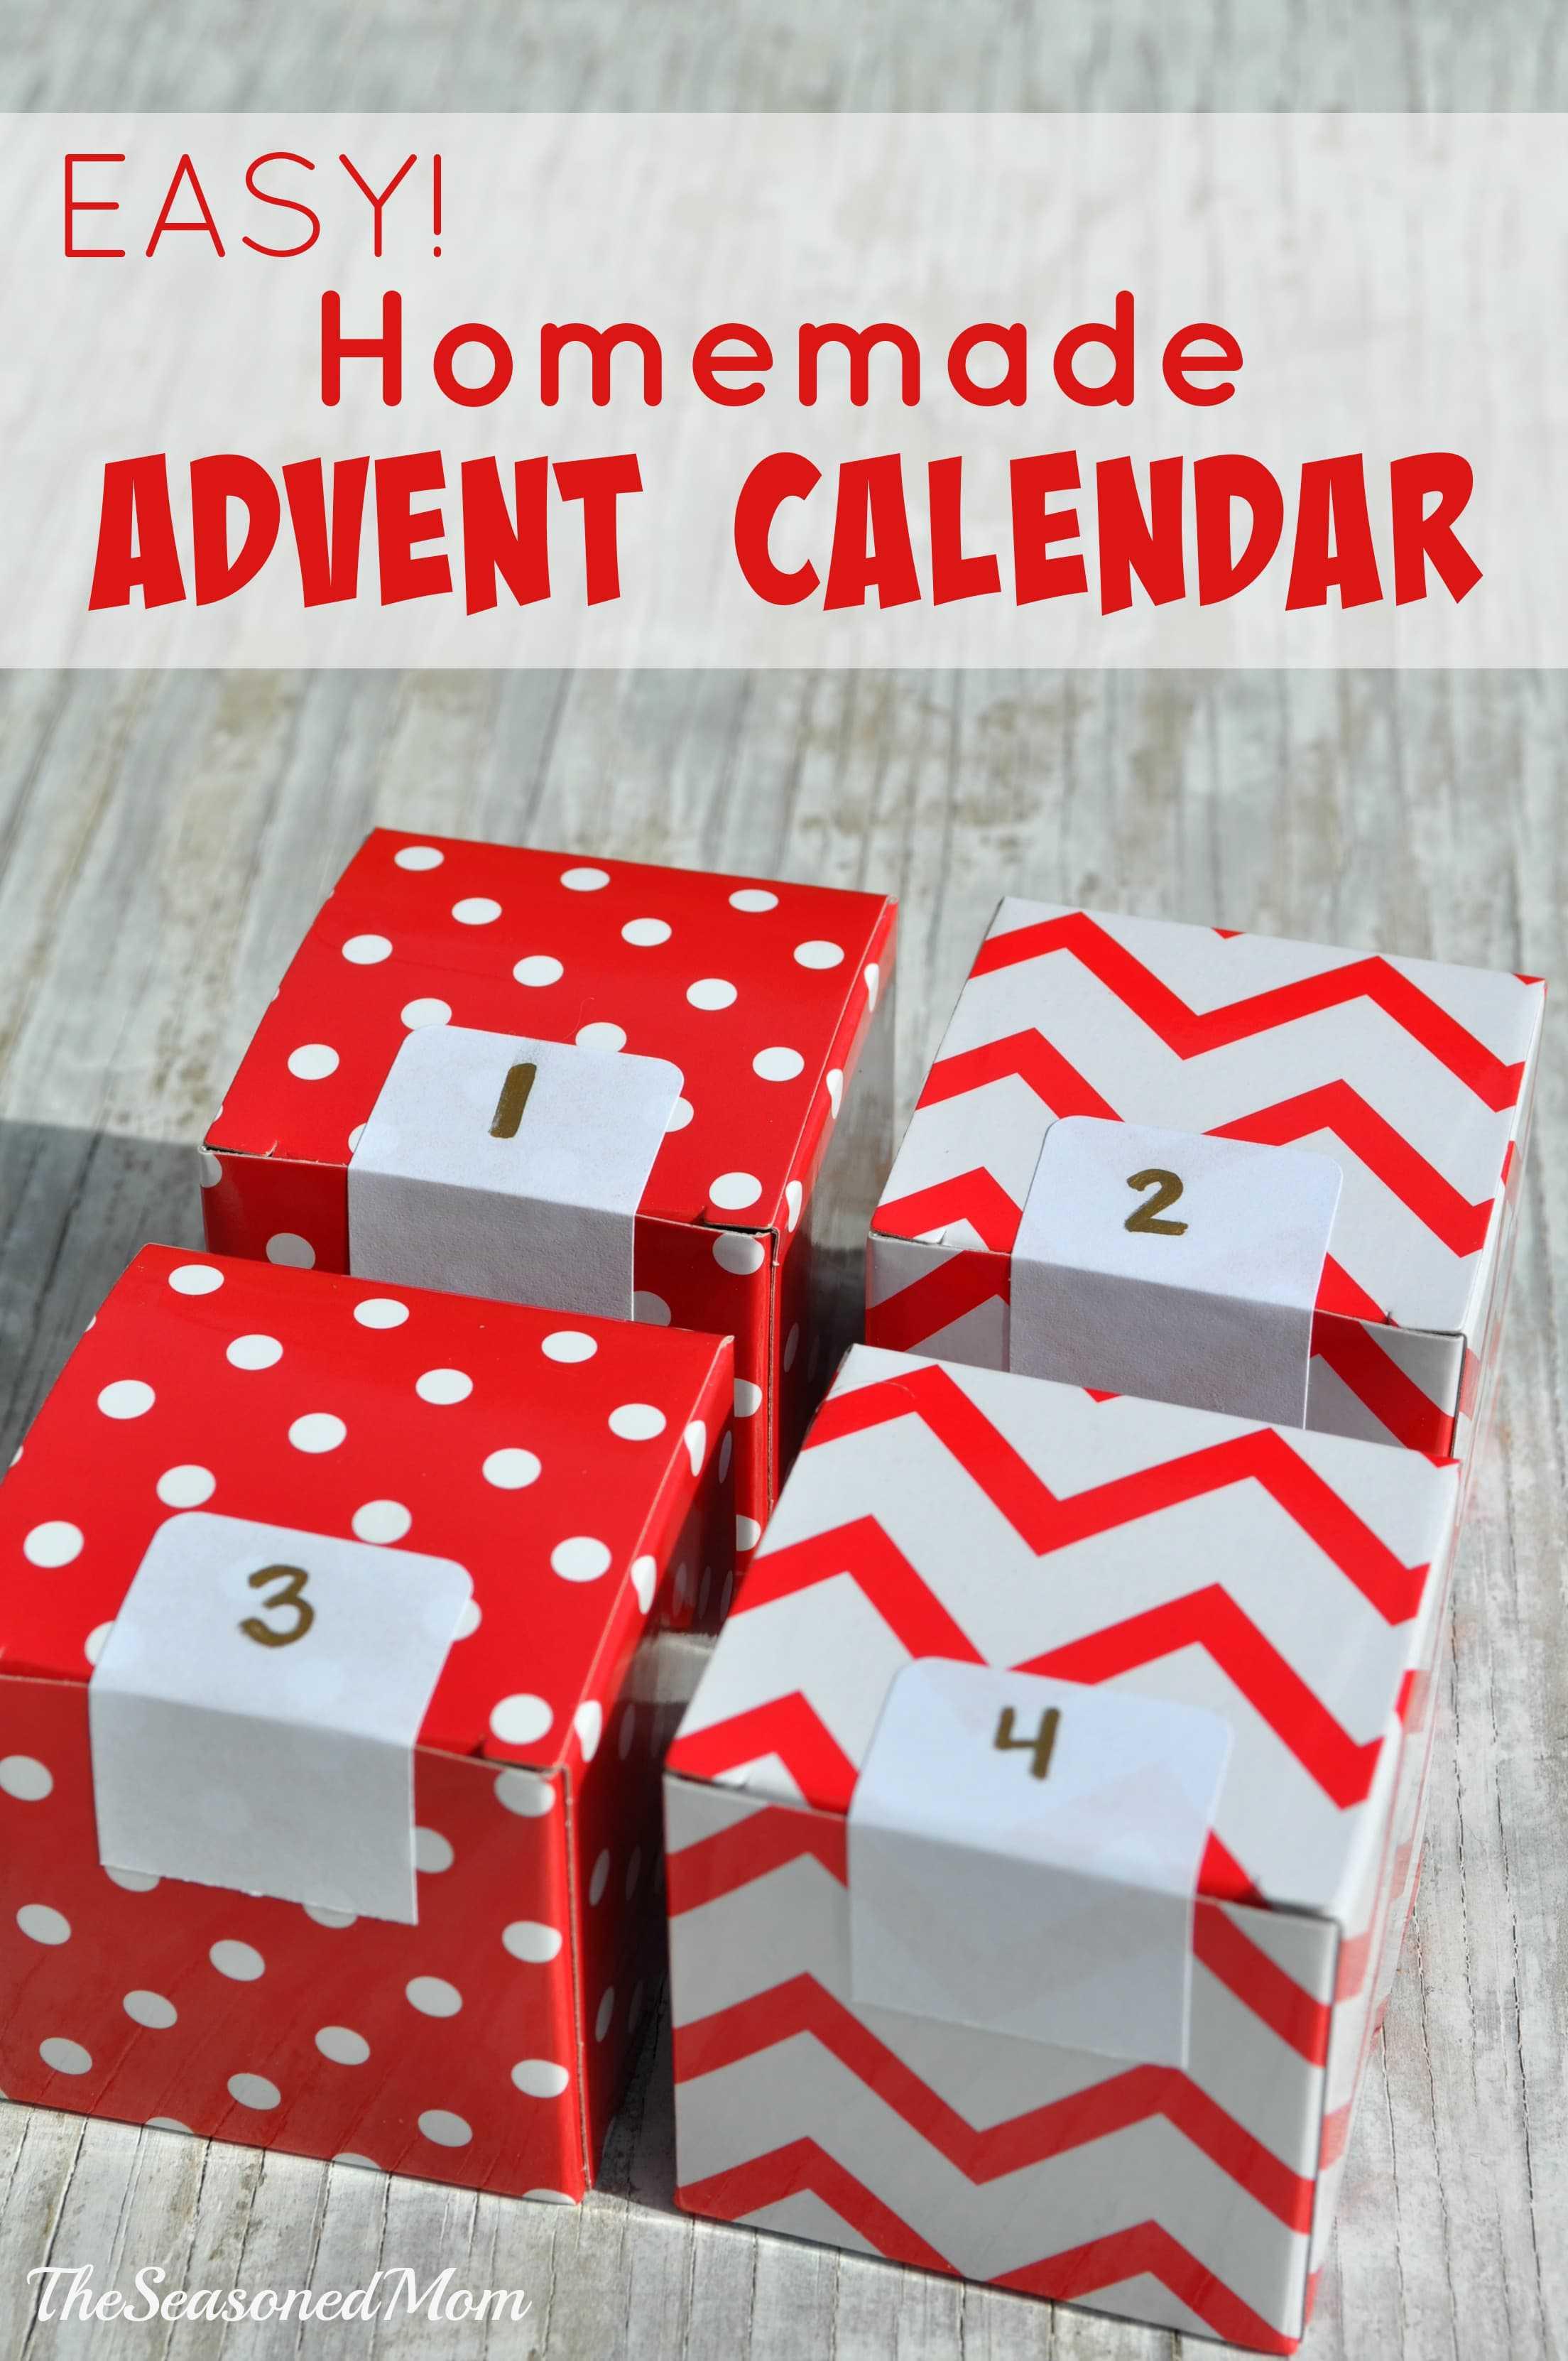 Homemade Calendars With Photos : Easy homemade advent calendar the seasoned mom